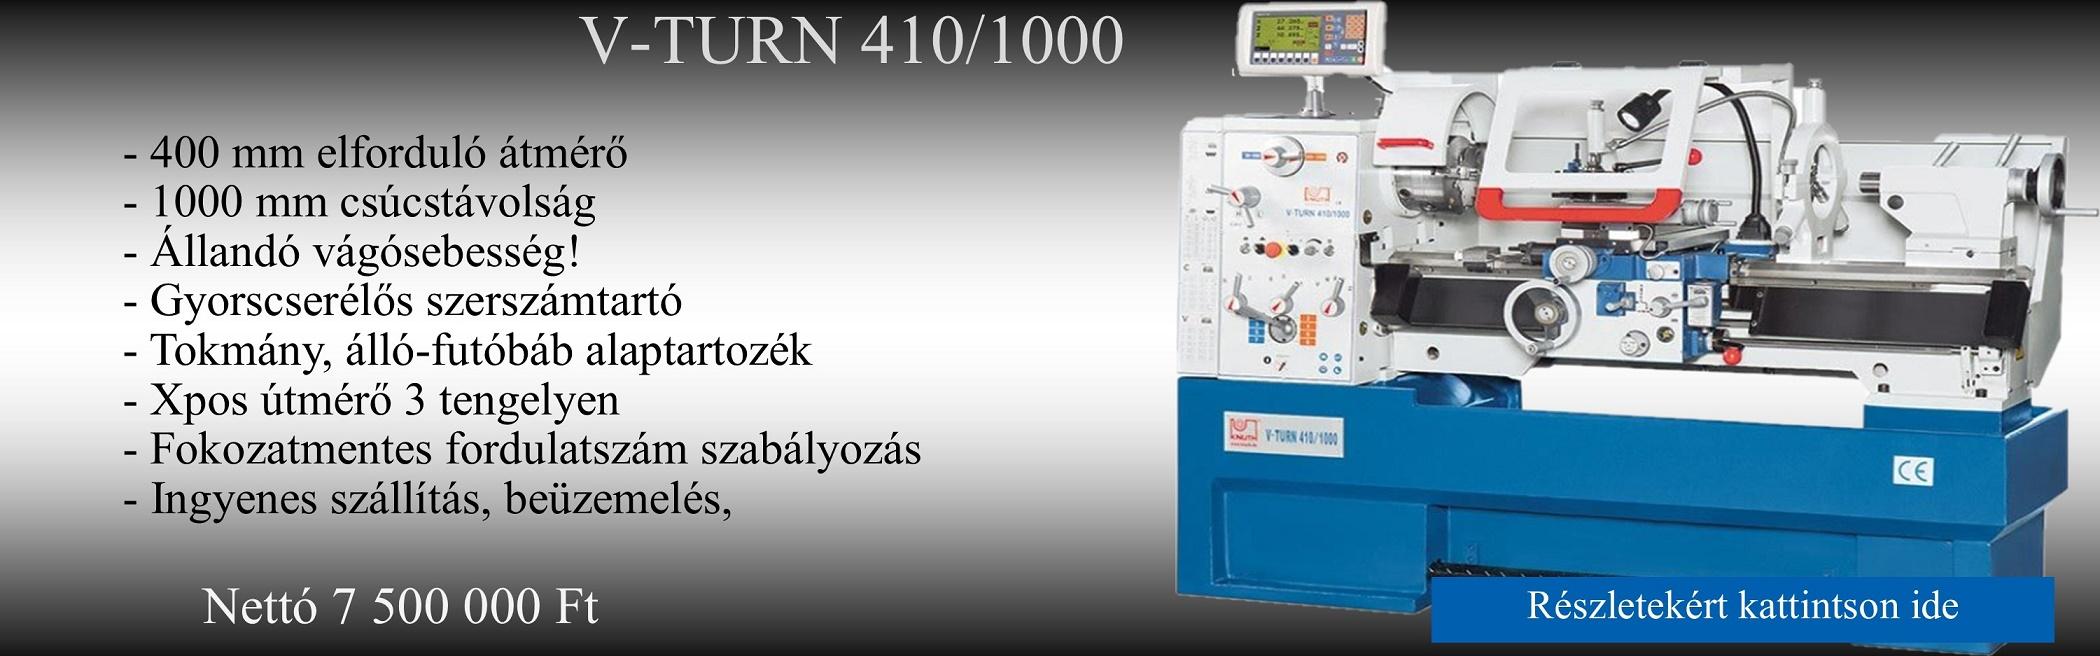 V-Turn 410